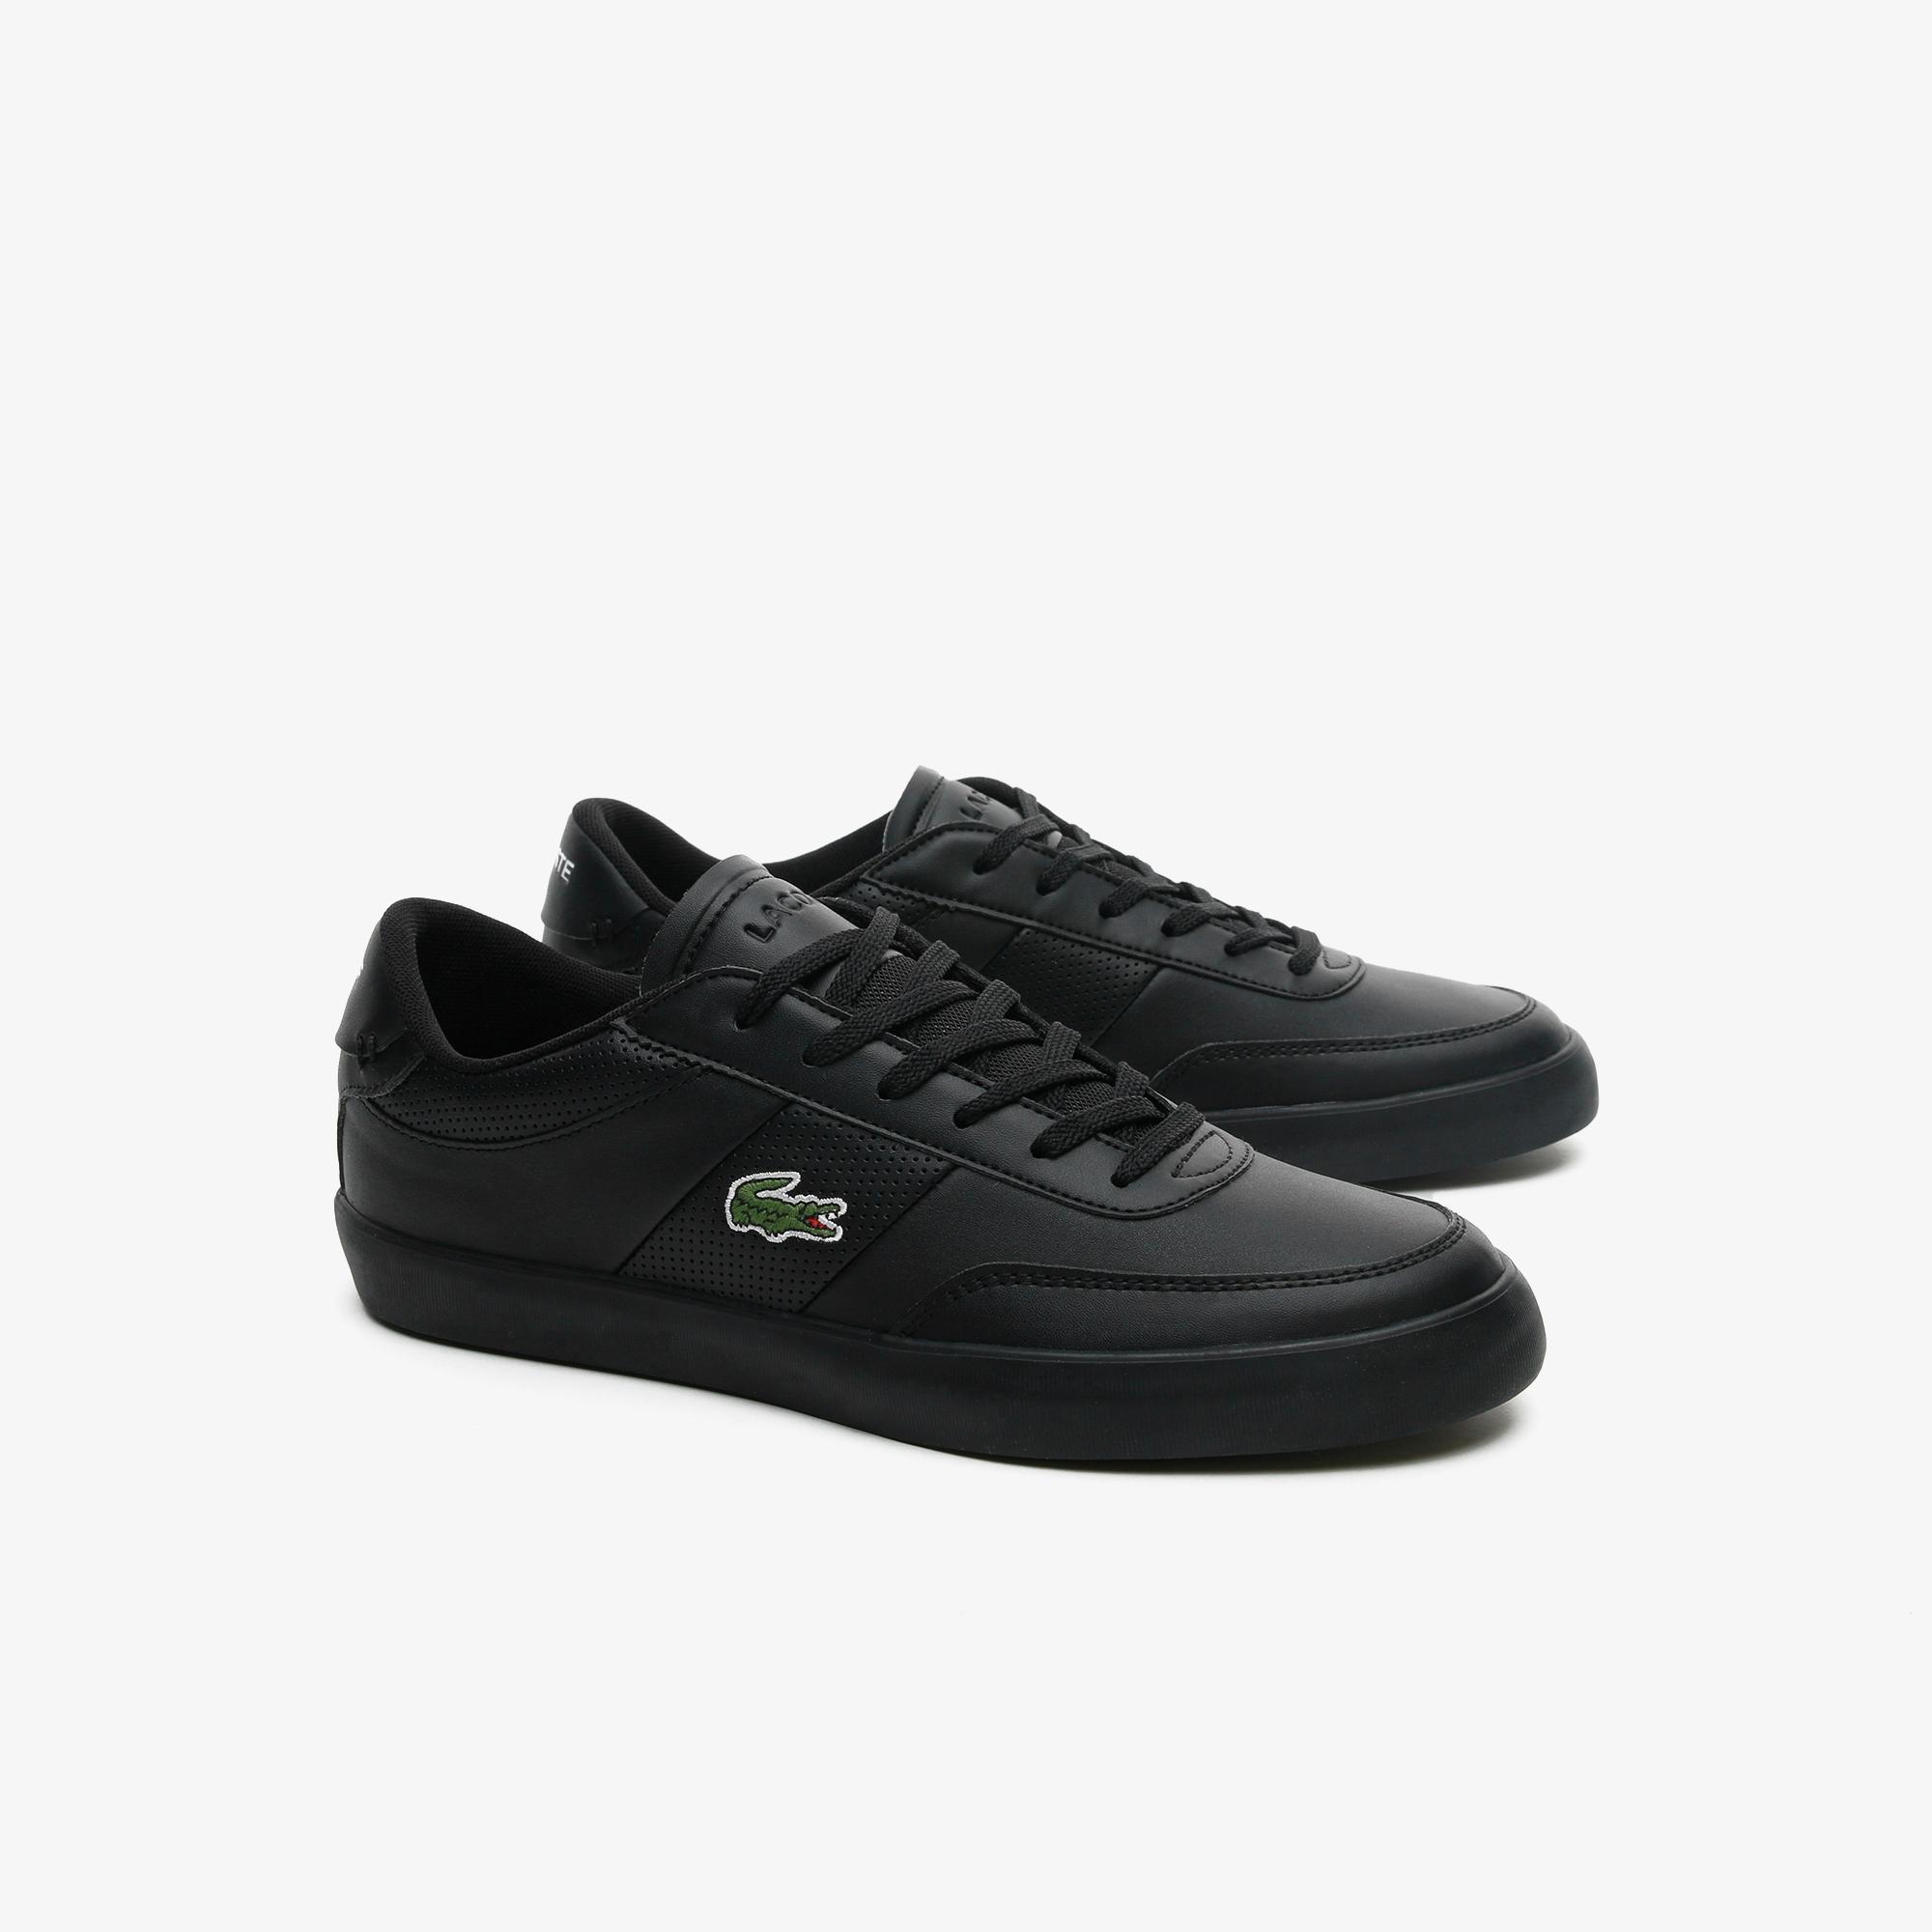 Lacoste Court-Master 0721 1 Cma Erkek Siyah Sneaker